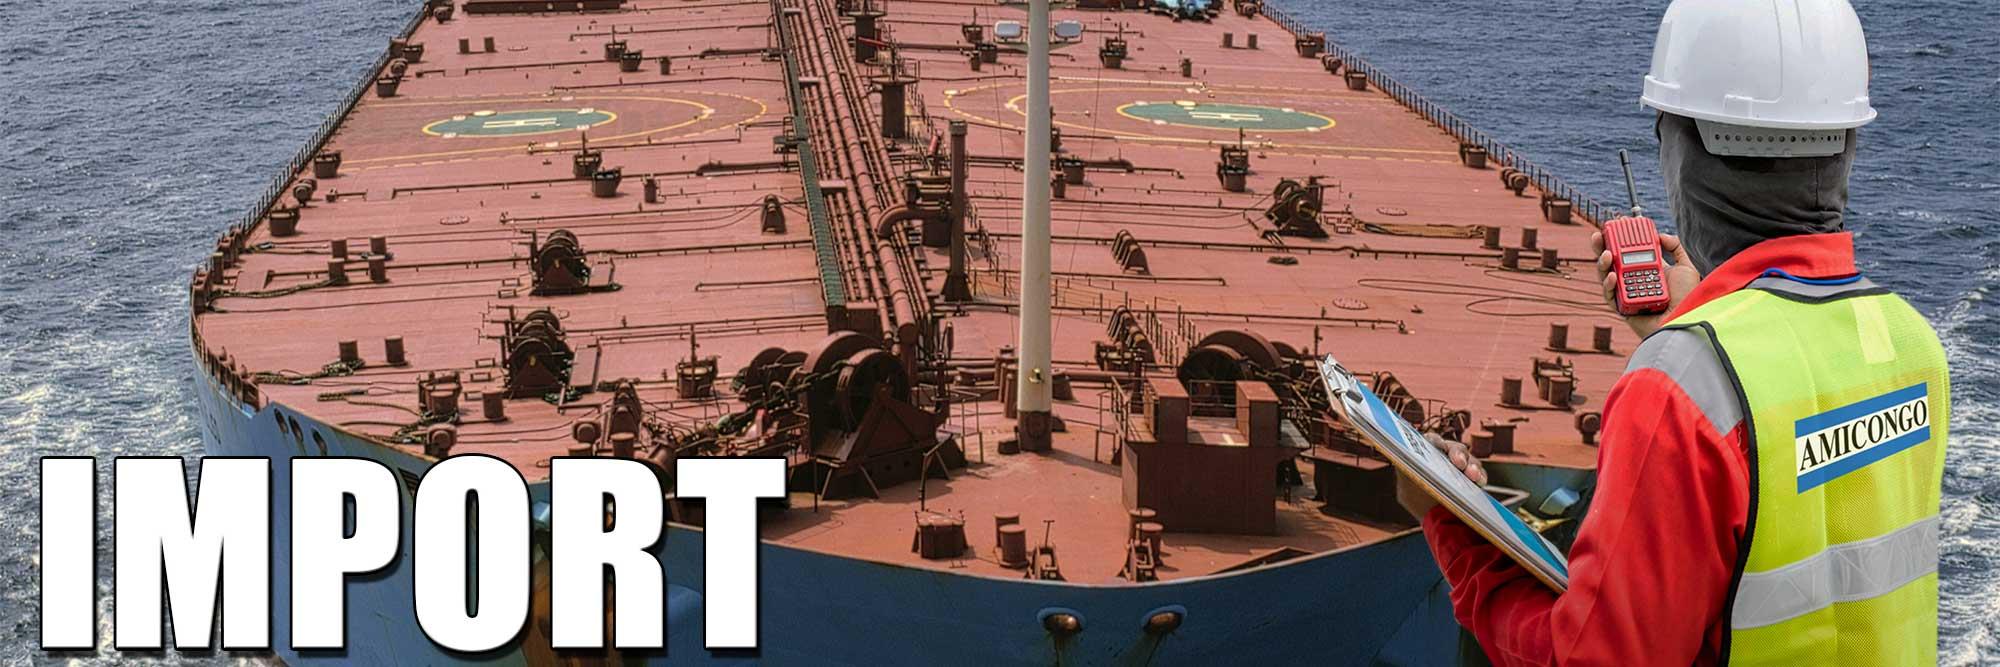 Permalien vers:Agent Maritime des transporteurs pétroliers à l'IMPORTATION en RDC.